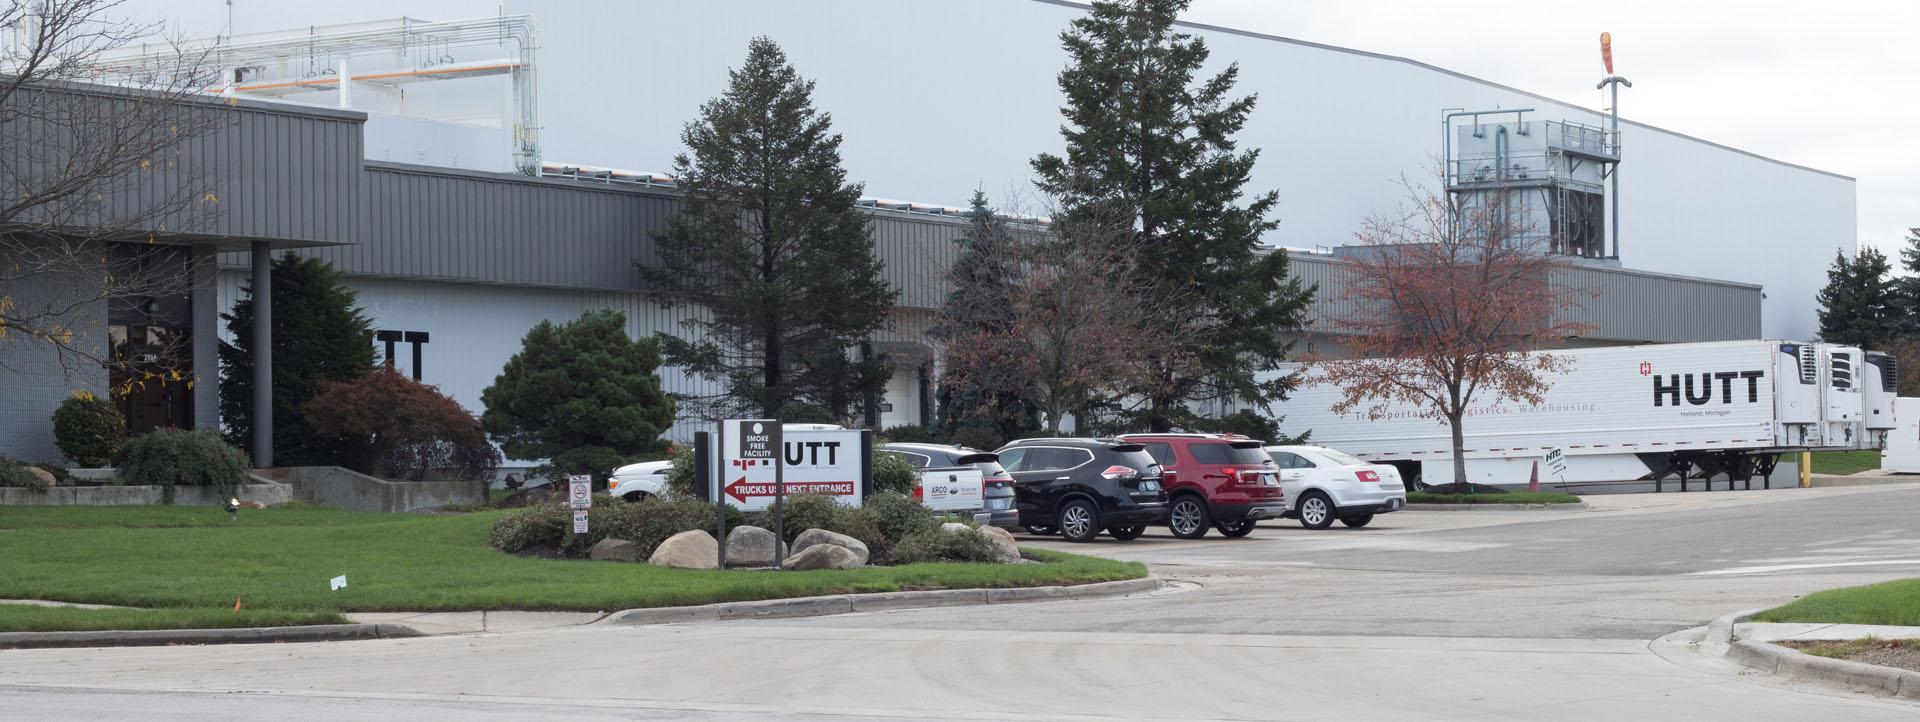 Hutt Logistics